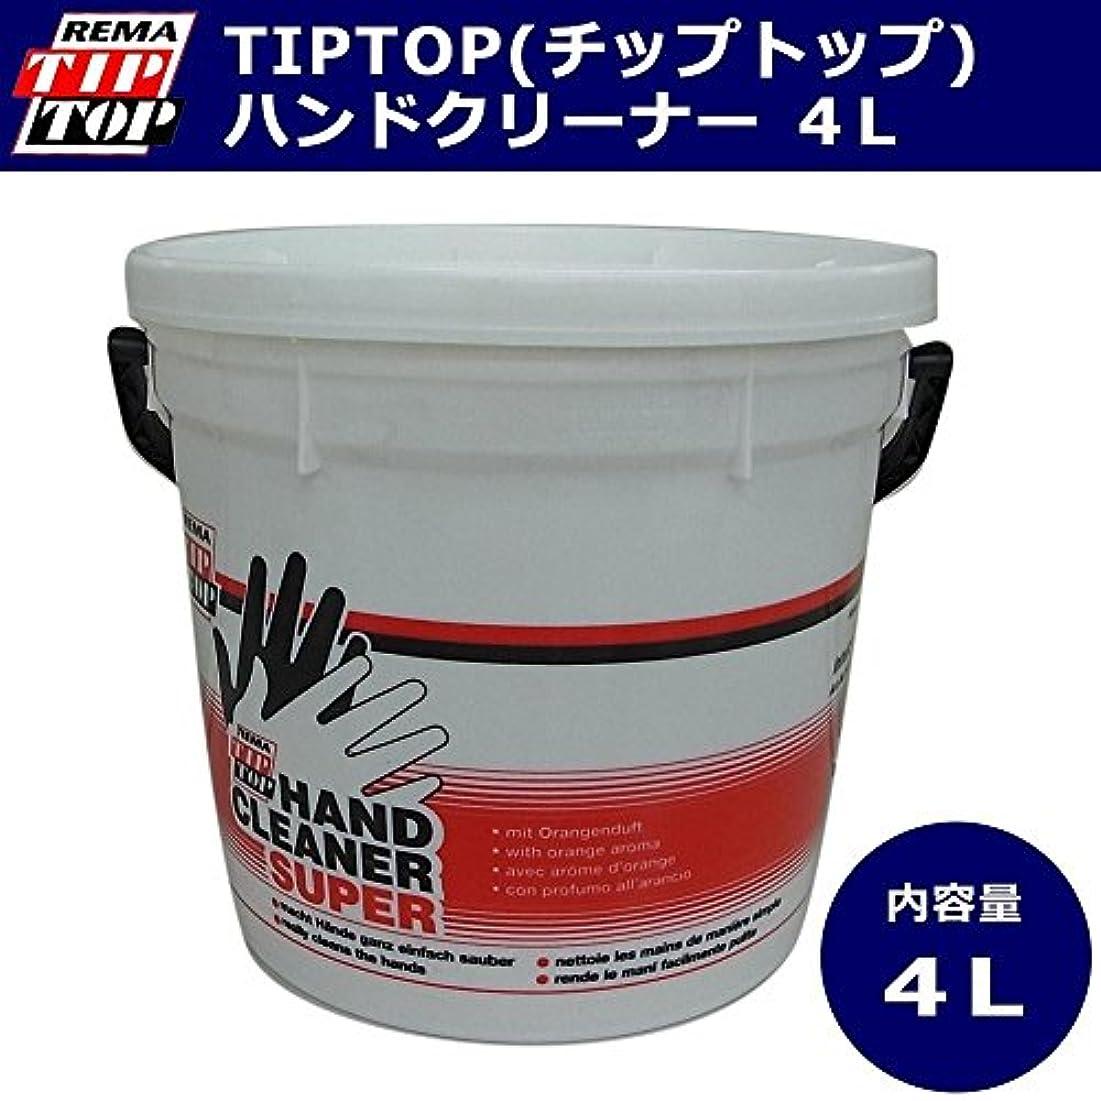 トリップグリースメタルラインTIPTOP(チップトップ) ハンドクリーナー 4L H-052